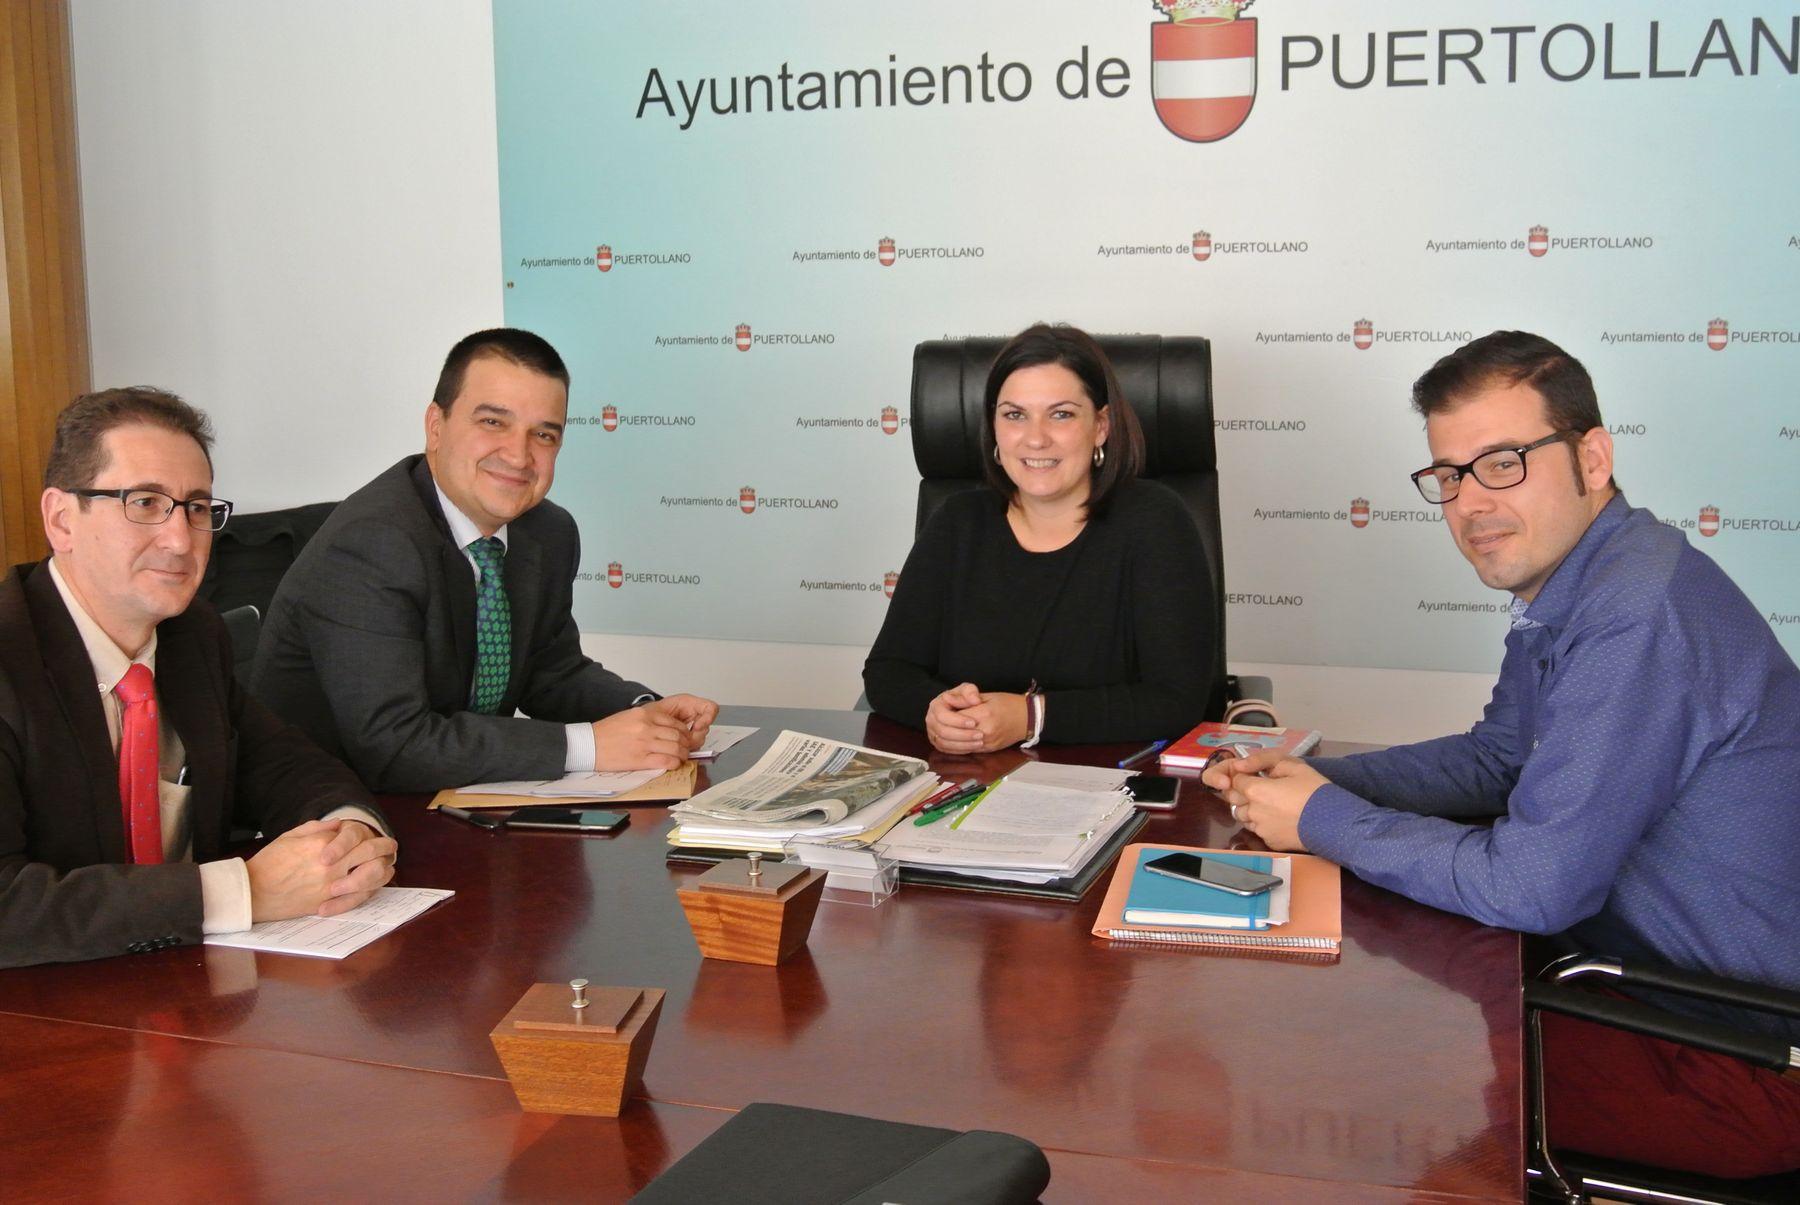 """El Gobierno regional quiere que la planta de Clamber en Puertollano esté """"a pleno rendimiento"""" en 2016"""